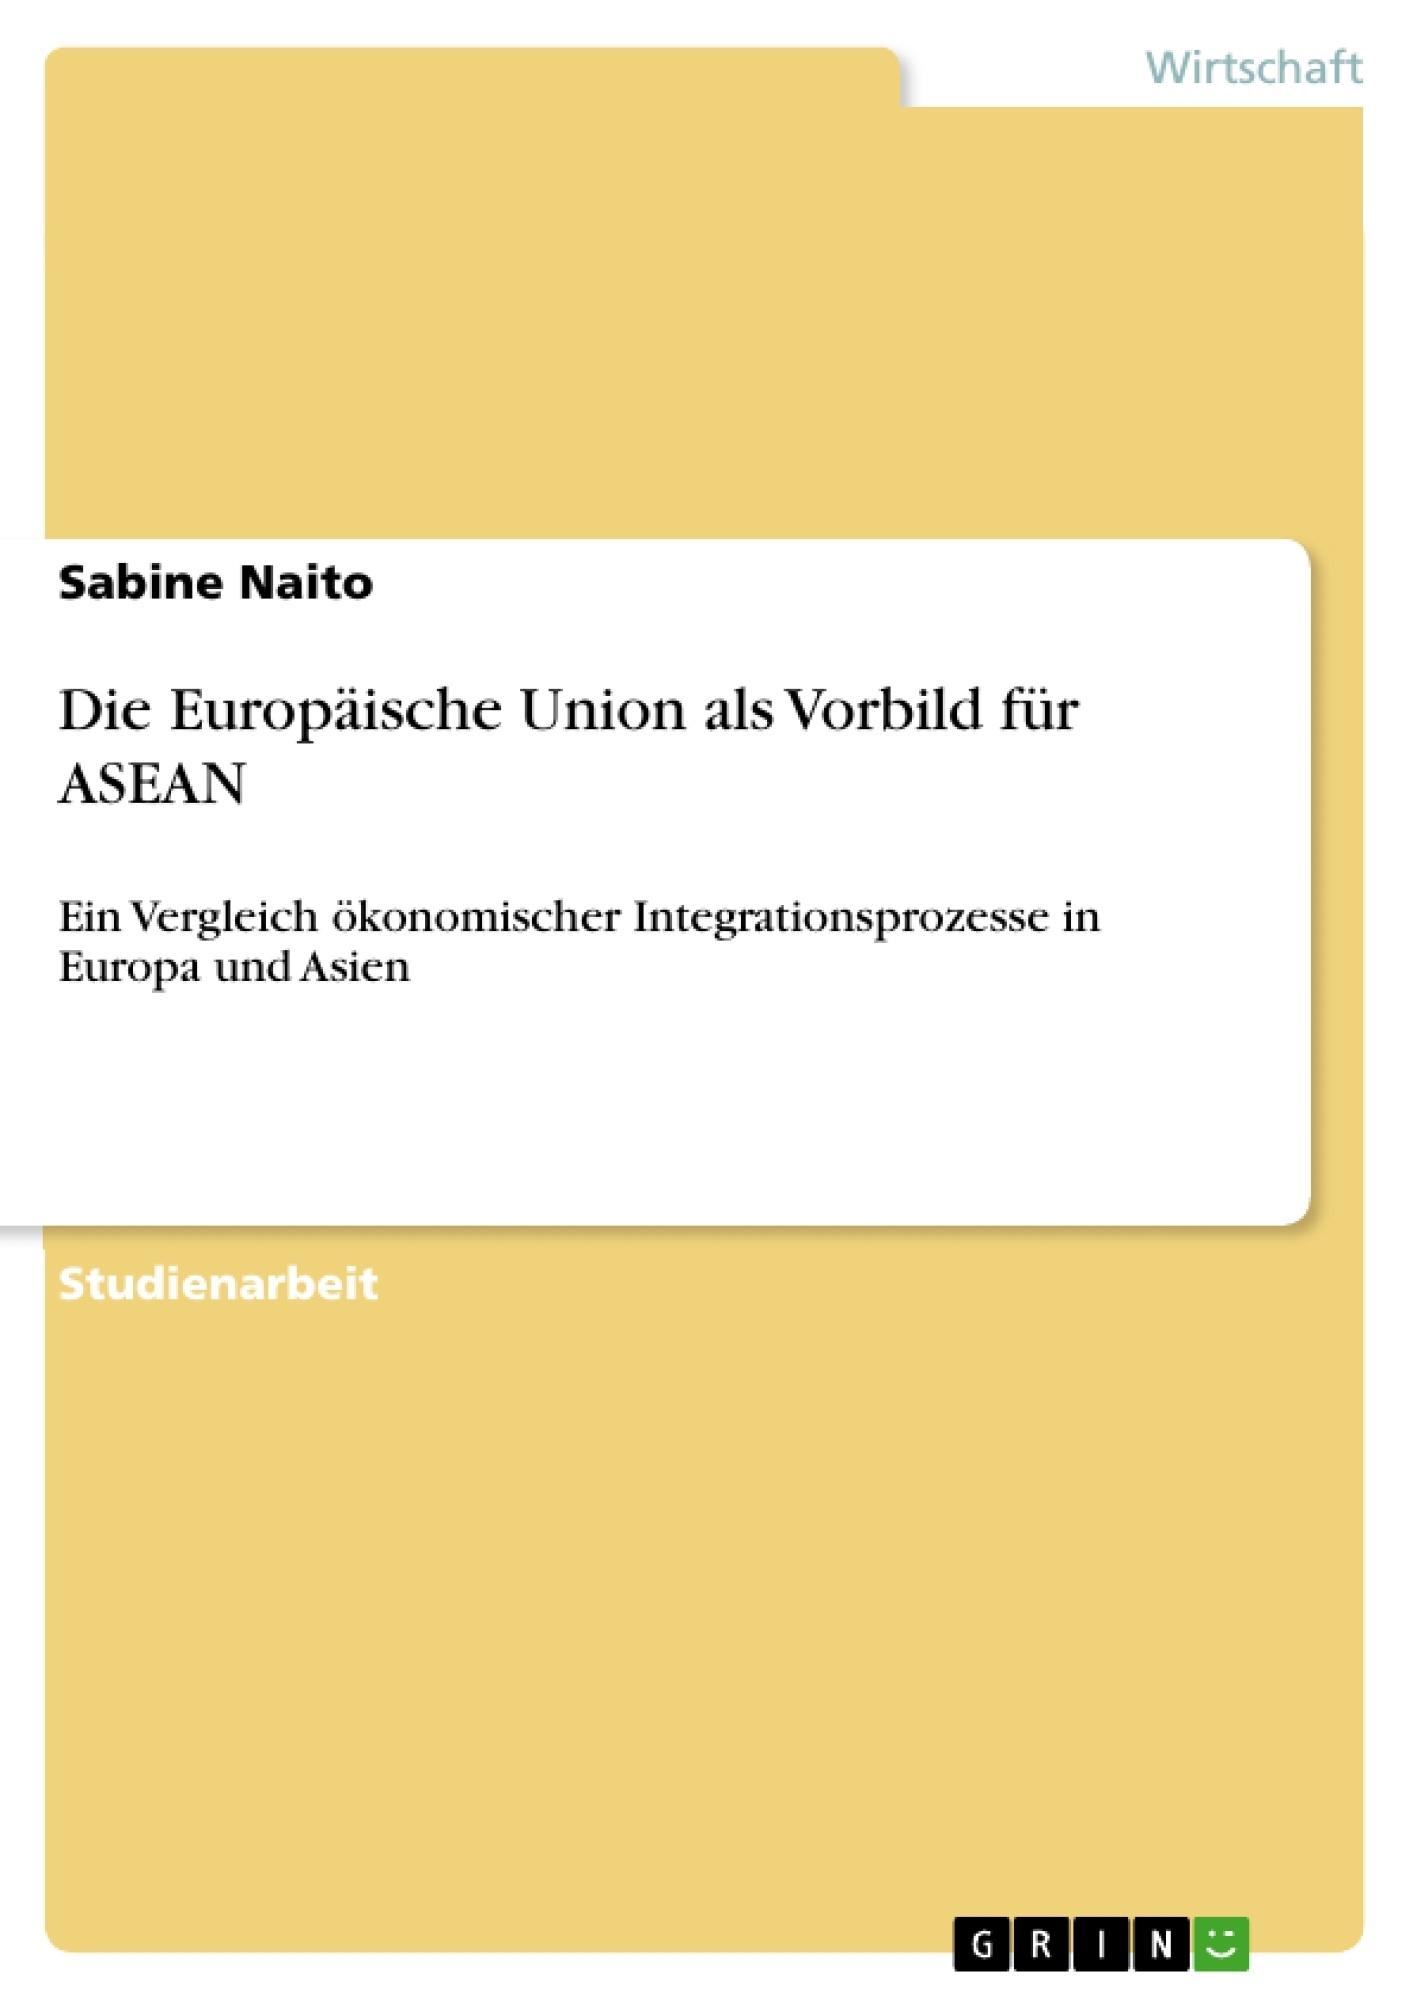 Titel: Die Europäische Union als Vorbild für ASEAN